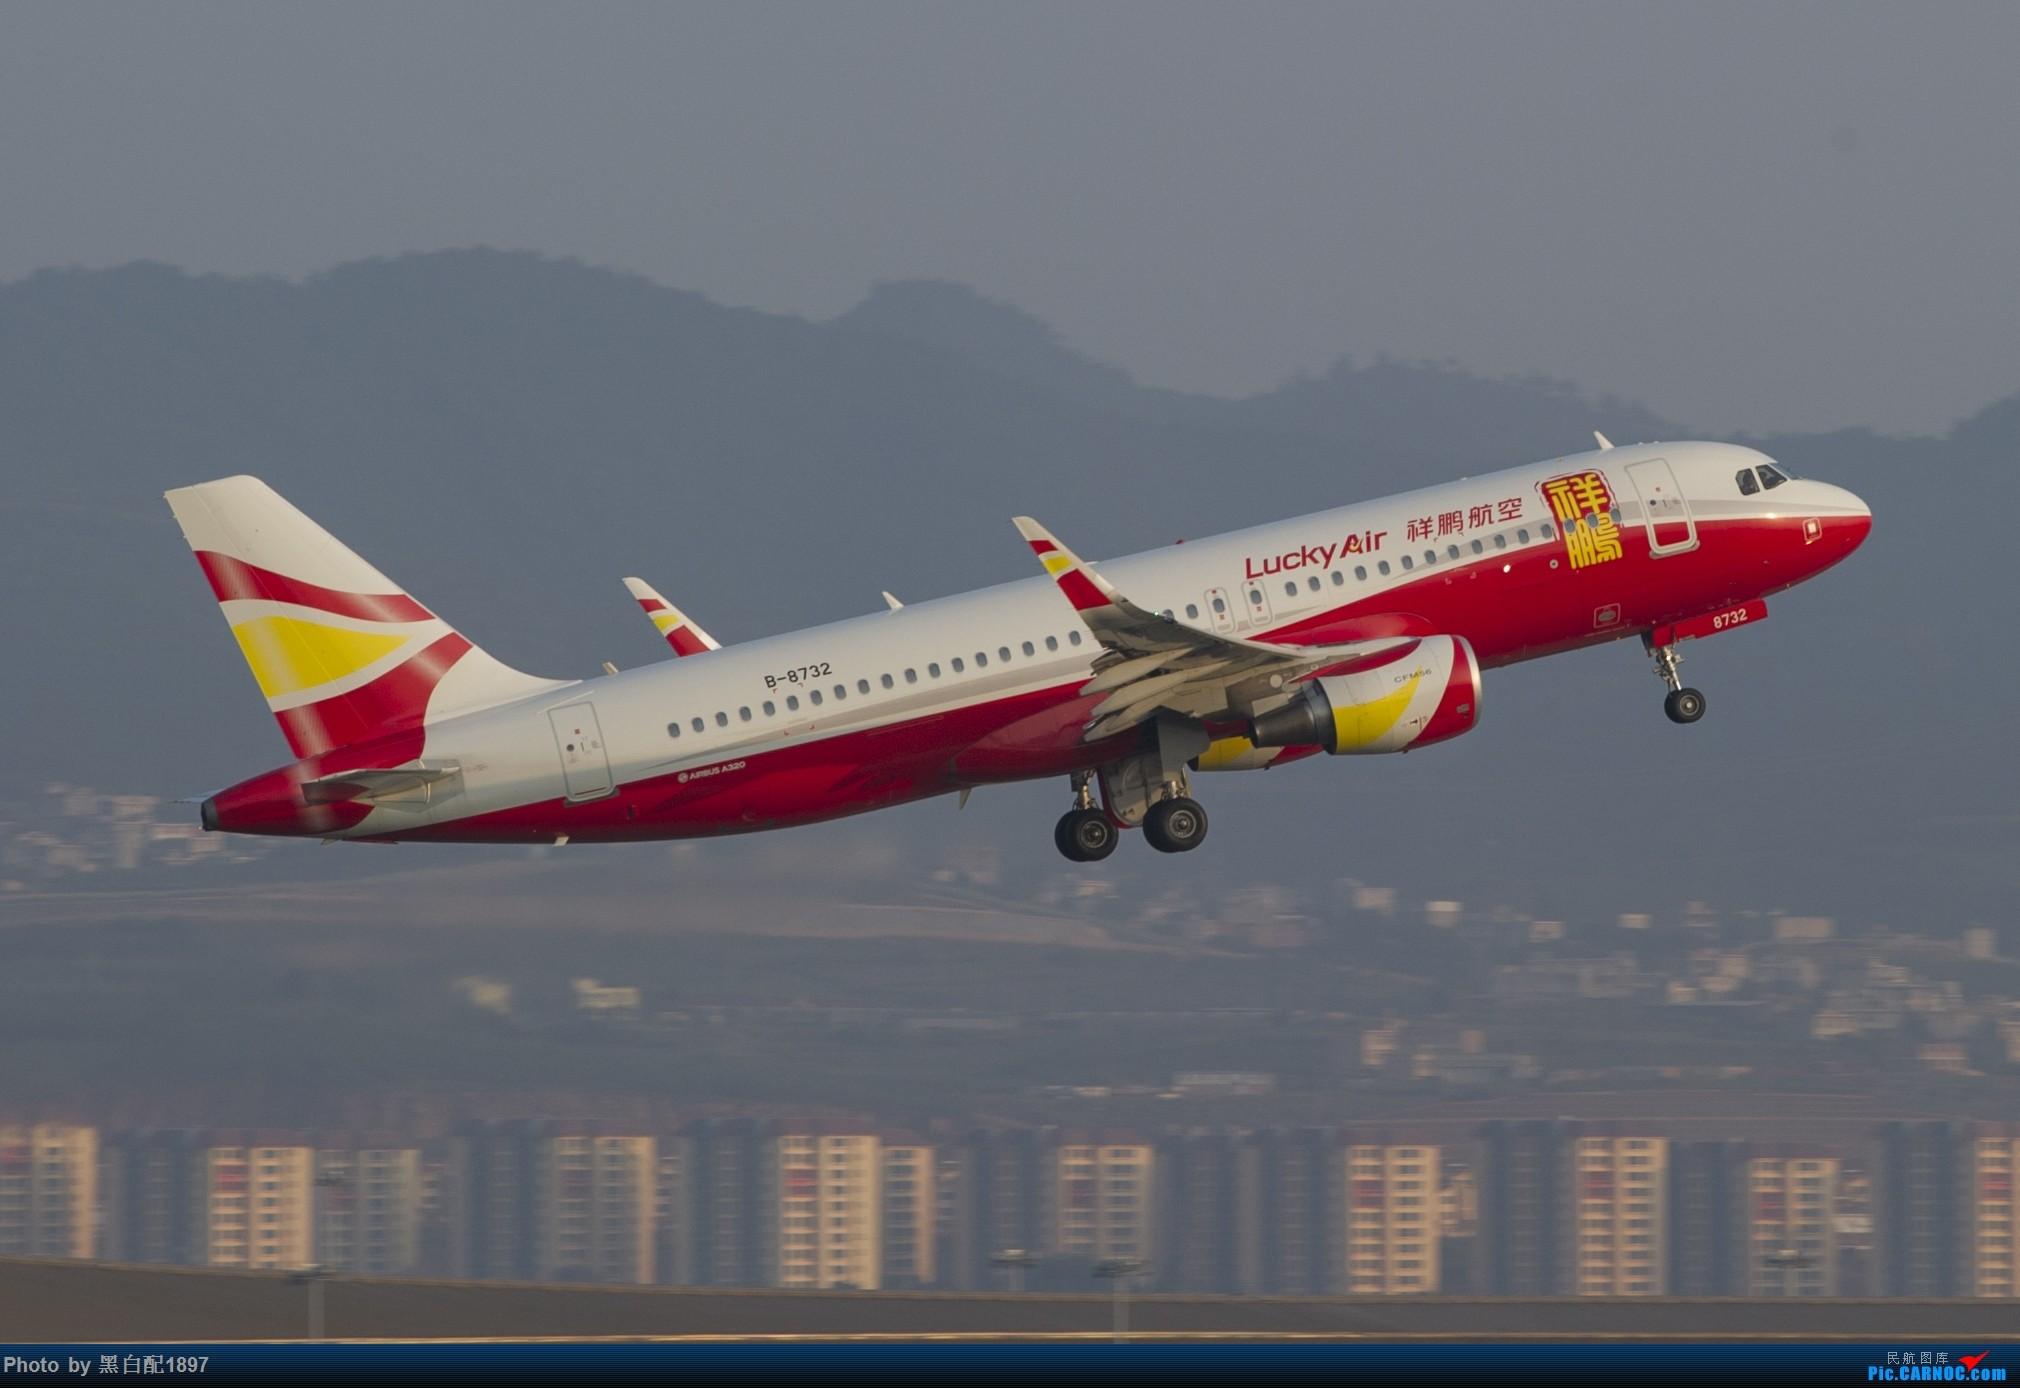 Re:[原创]国庆长水二日游之一 AIRBUS A320-200 B-8732 中国昆明长水国际机场